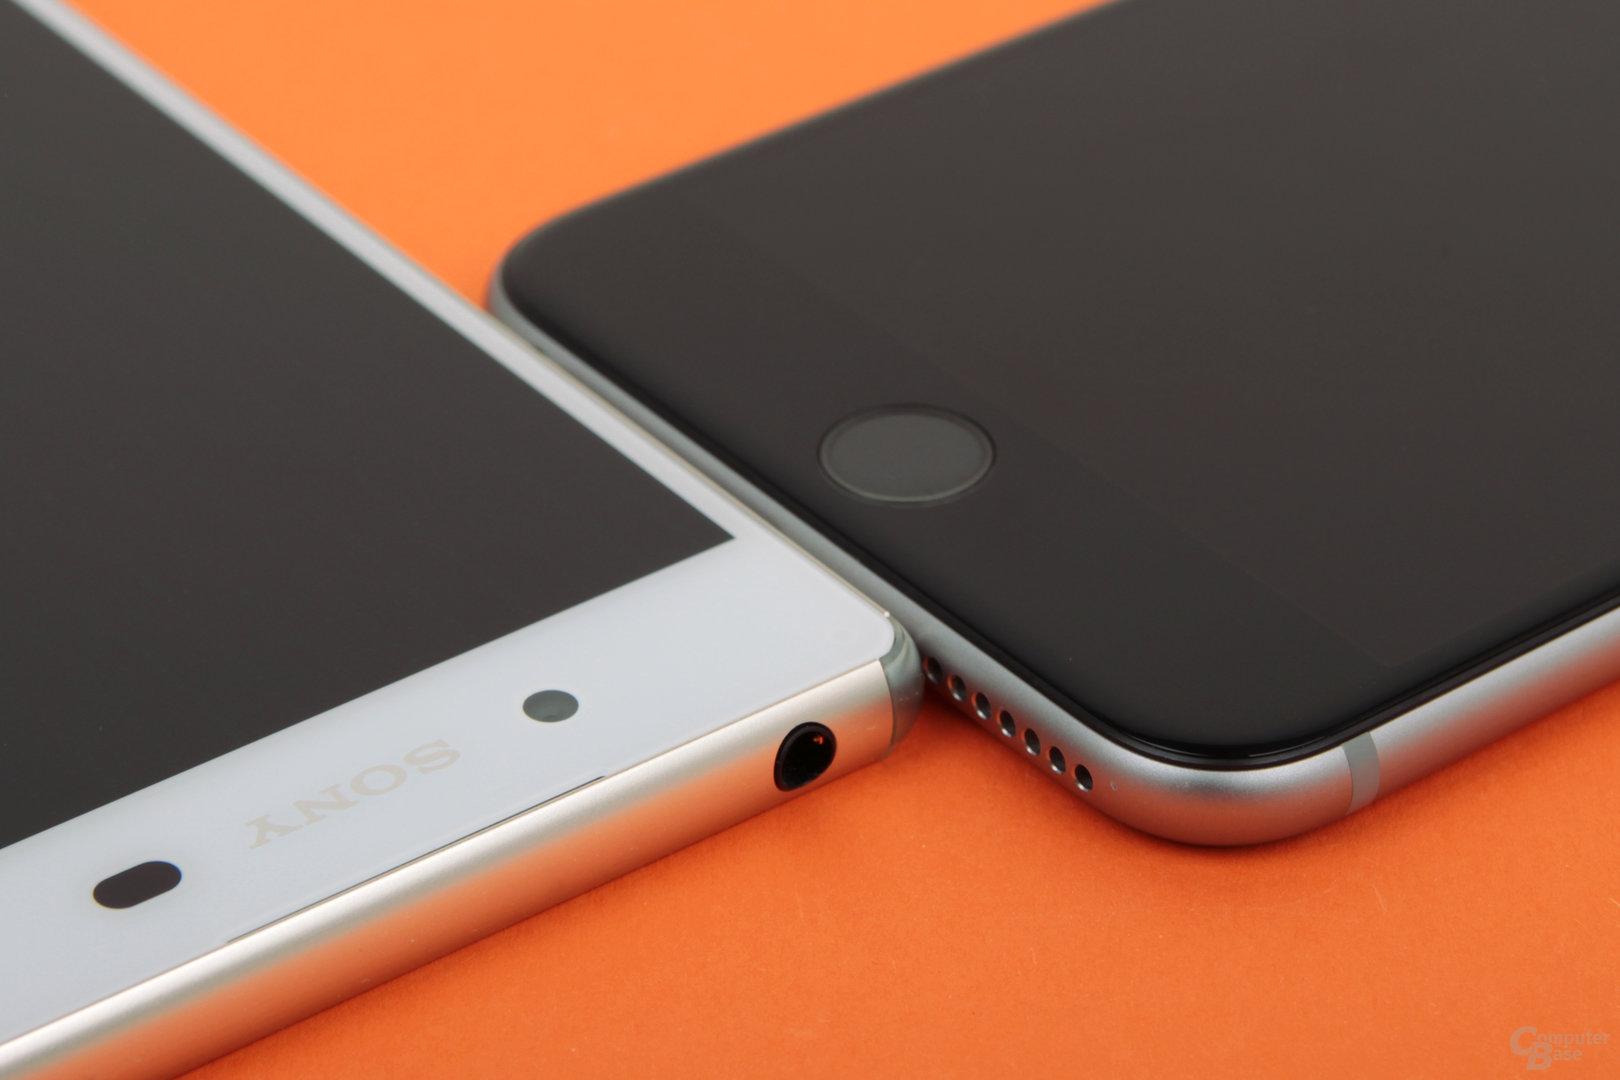 Das Z3+ ist ungefähr so tief wie das iPhone 6 Plus